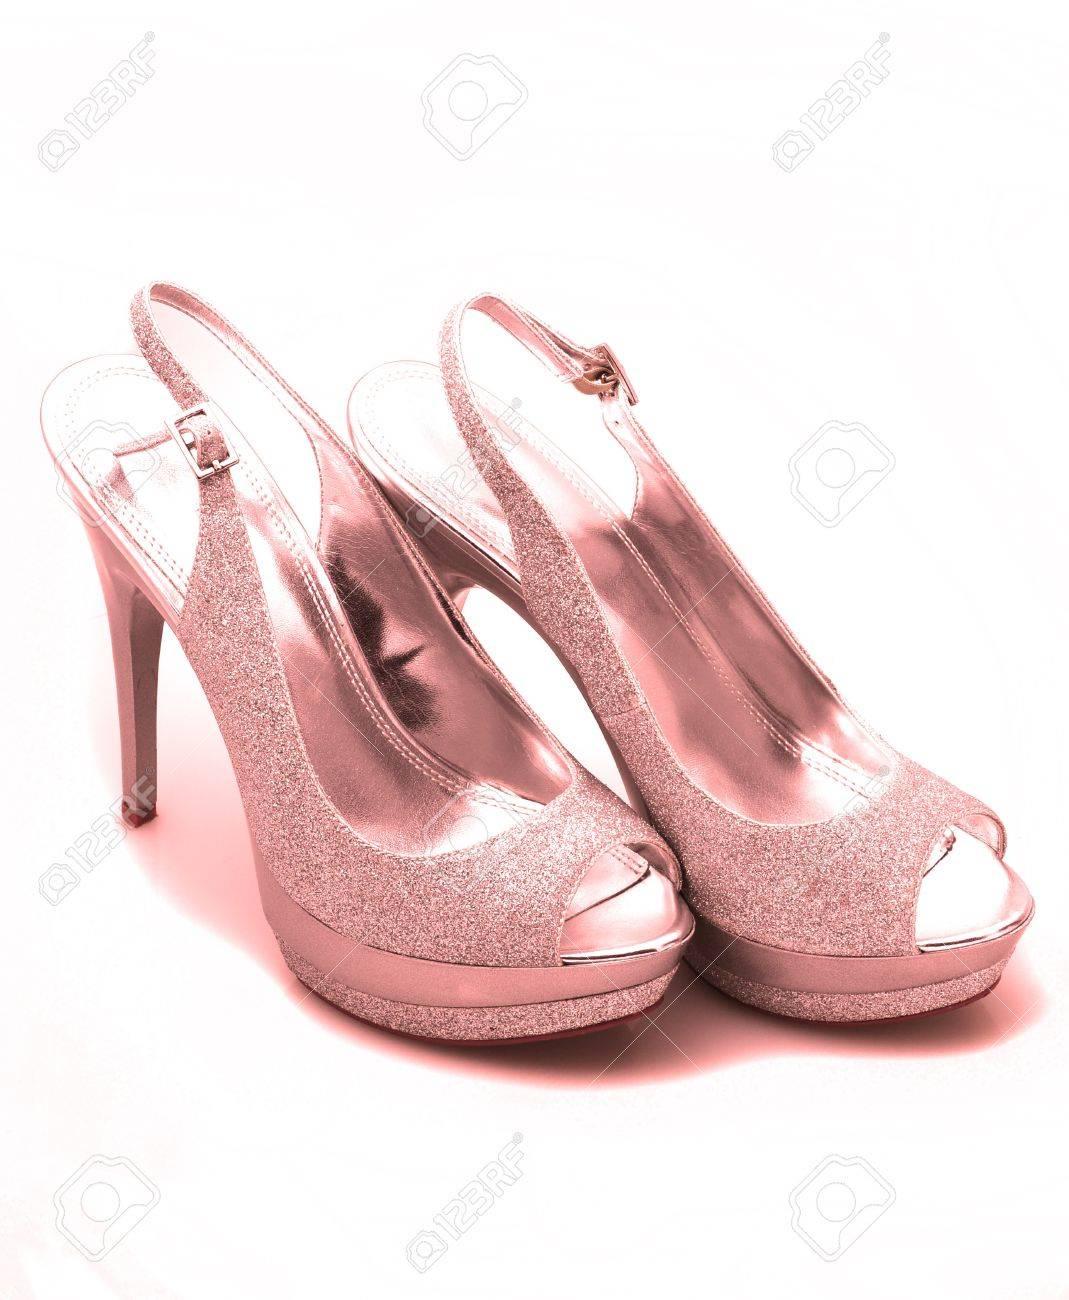 3099a25c42c Pink glitter stiletto heels on white background